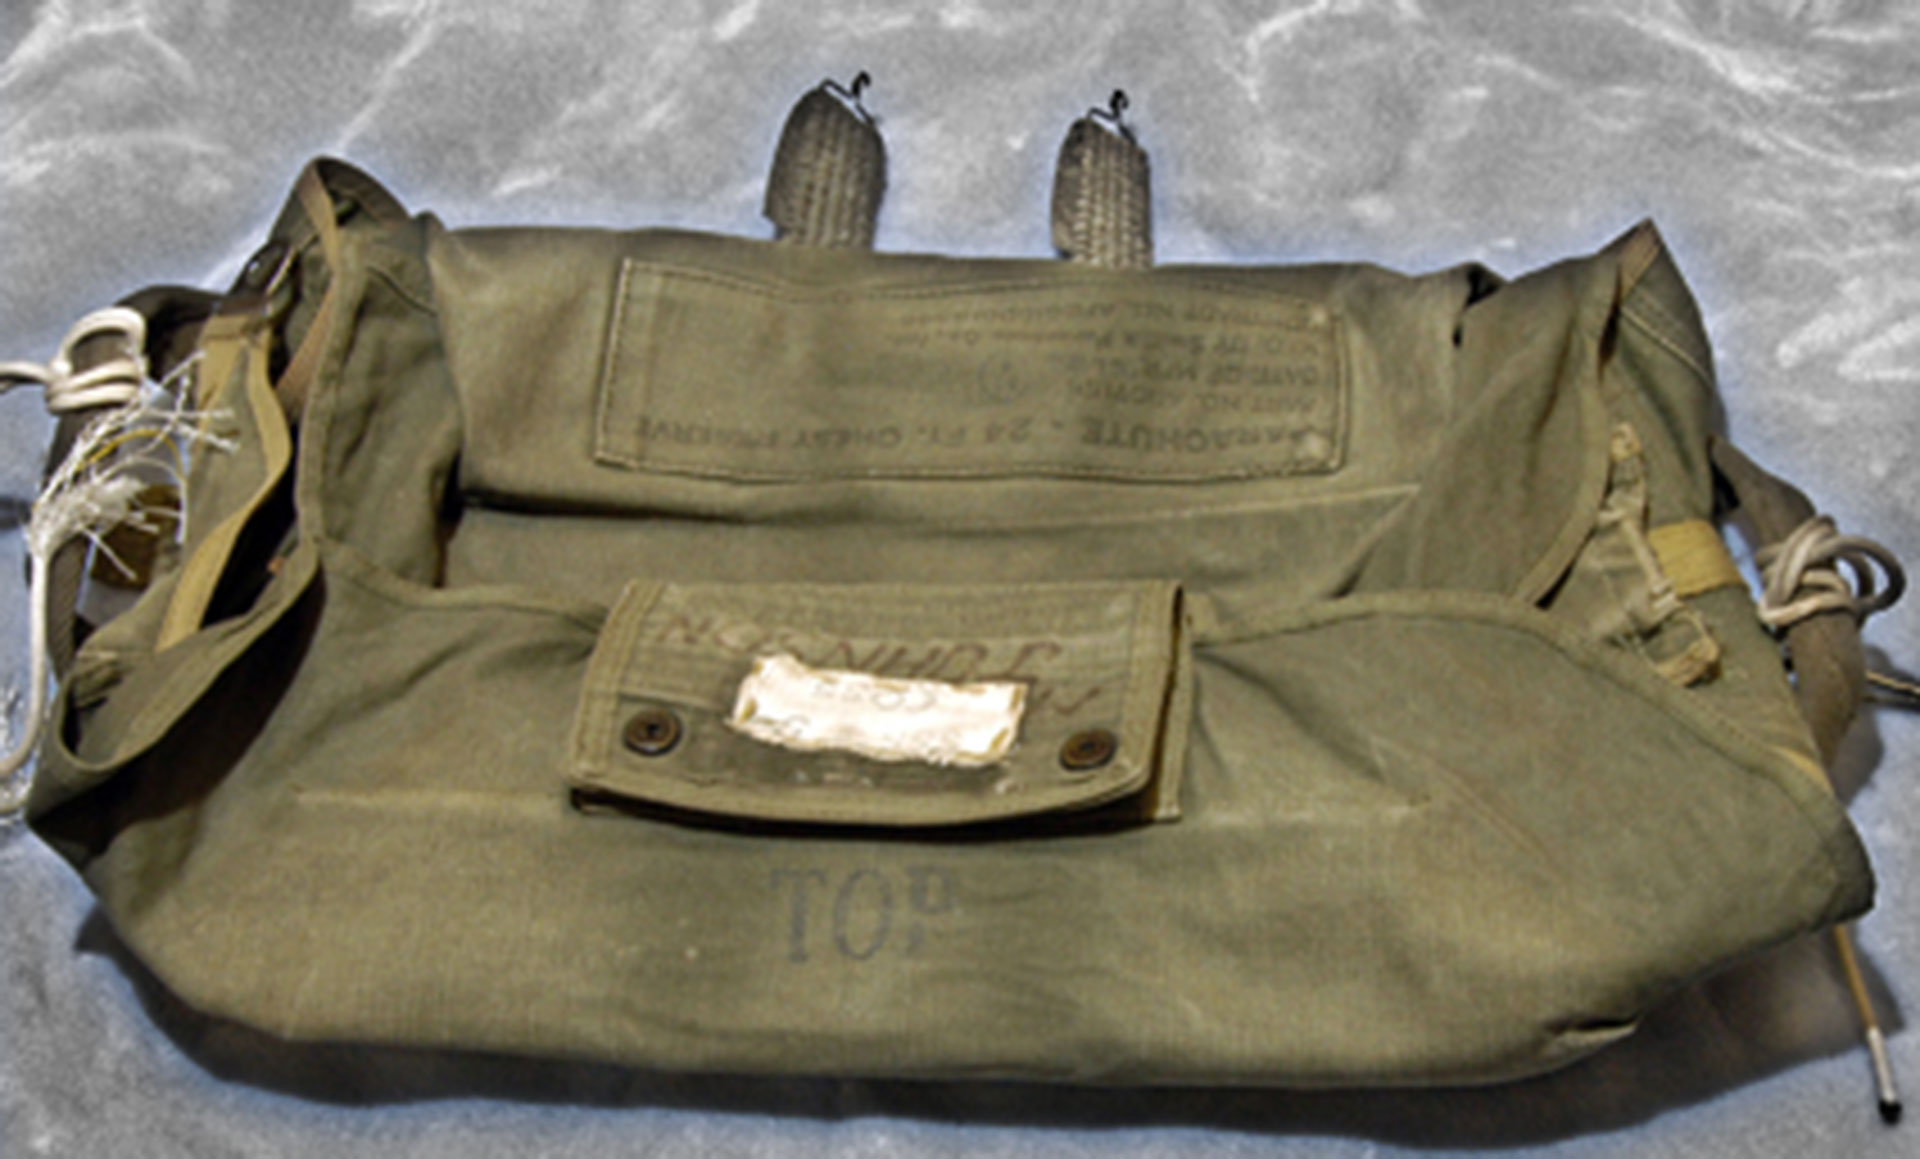 La mochila donde iba uno de los paracaídas que Cooper no utilizó. Usó la cuerda de uno de ellos para atarse el bolso con el dinero y así no perderlo (FBI)